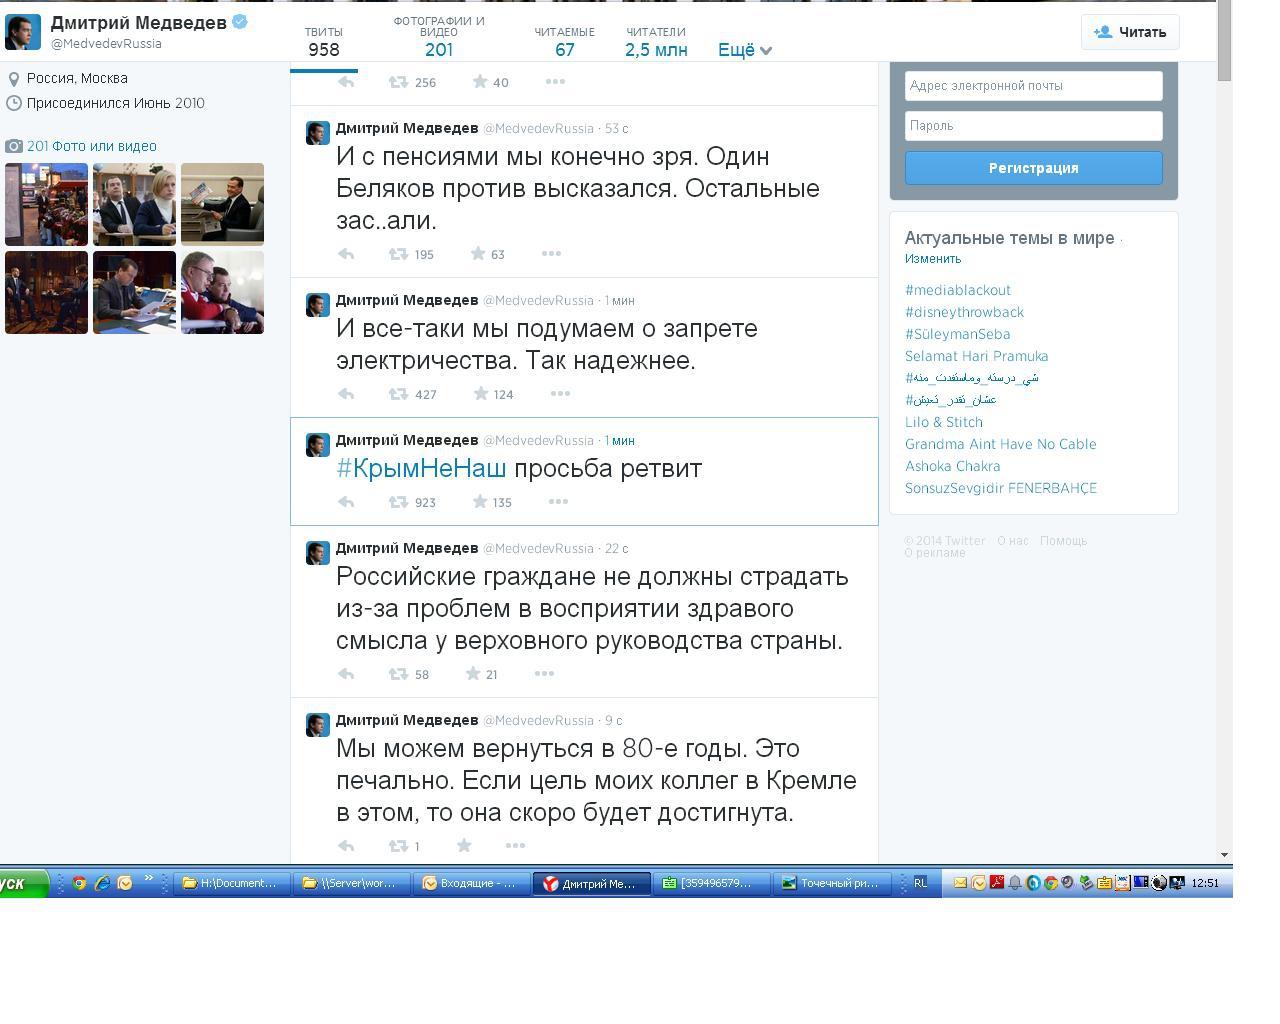 В пресс-службе кабинета министров подтвердили информацию о взломе аккаунта.